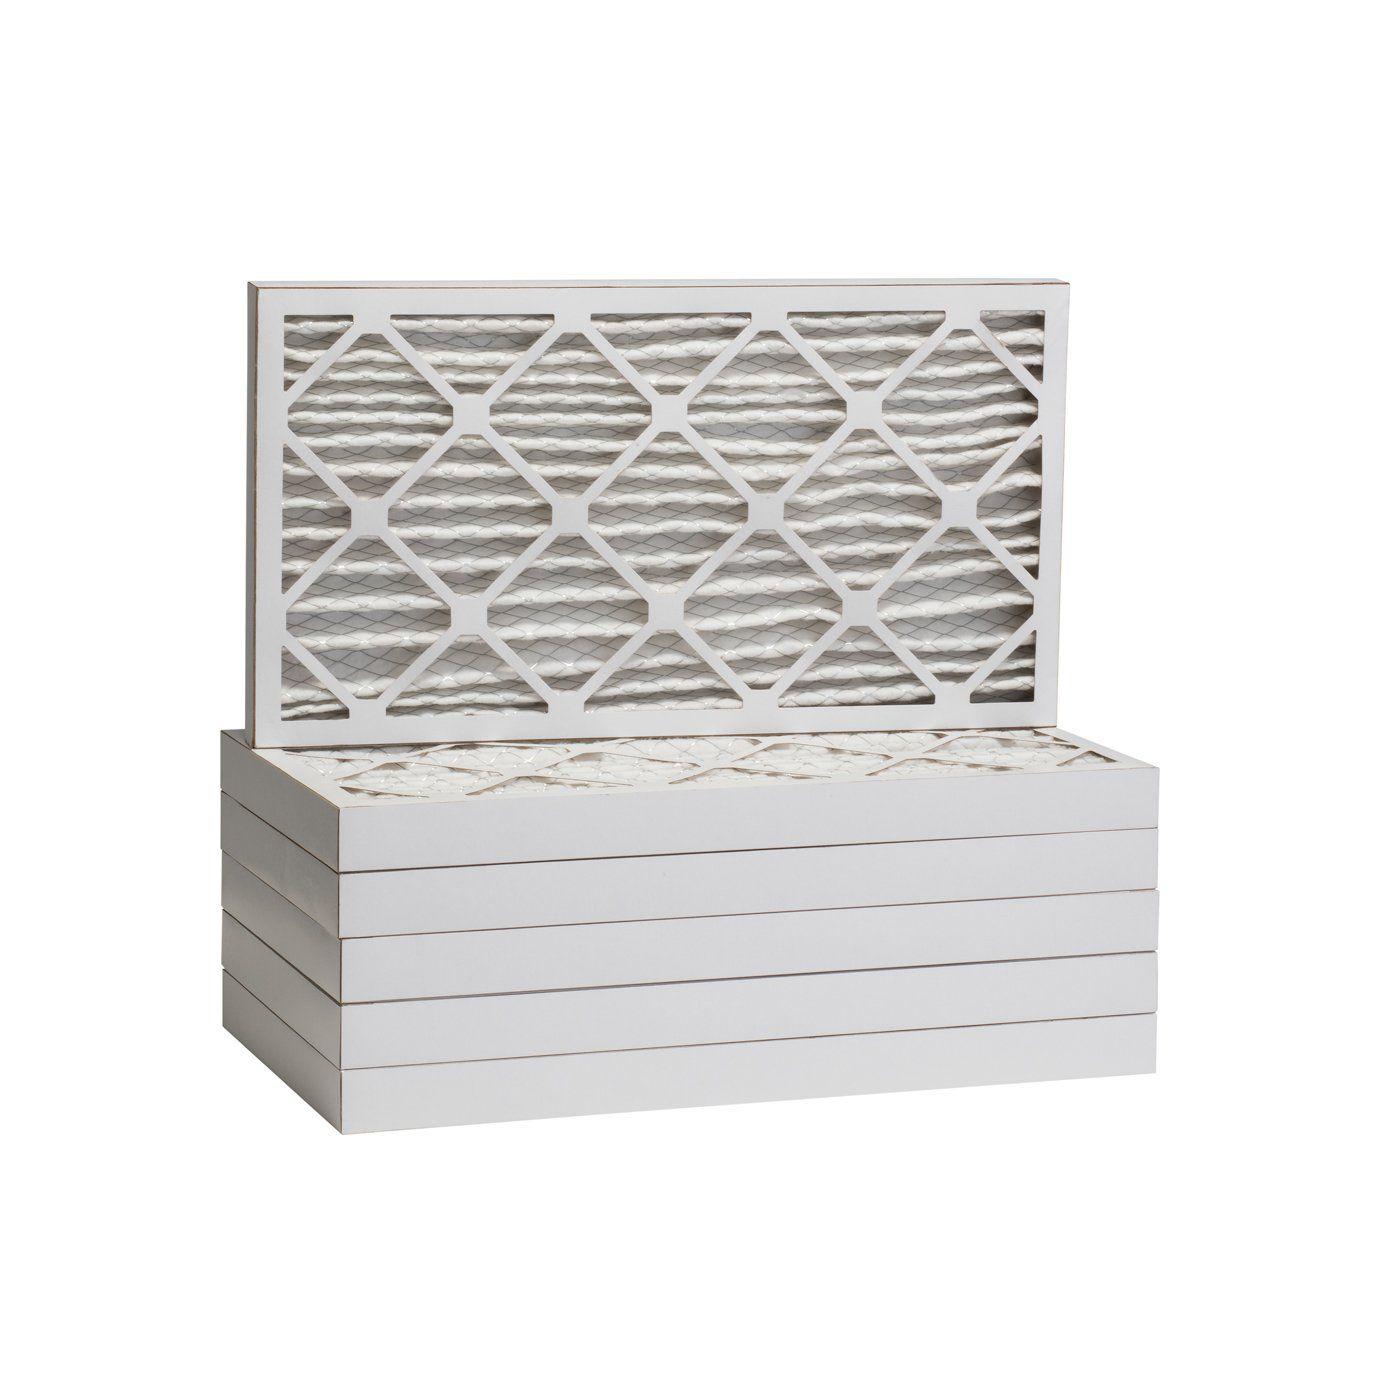 15x30x2 Advanced MERV 8 Air Filter/Furnace Filter